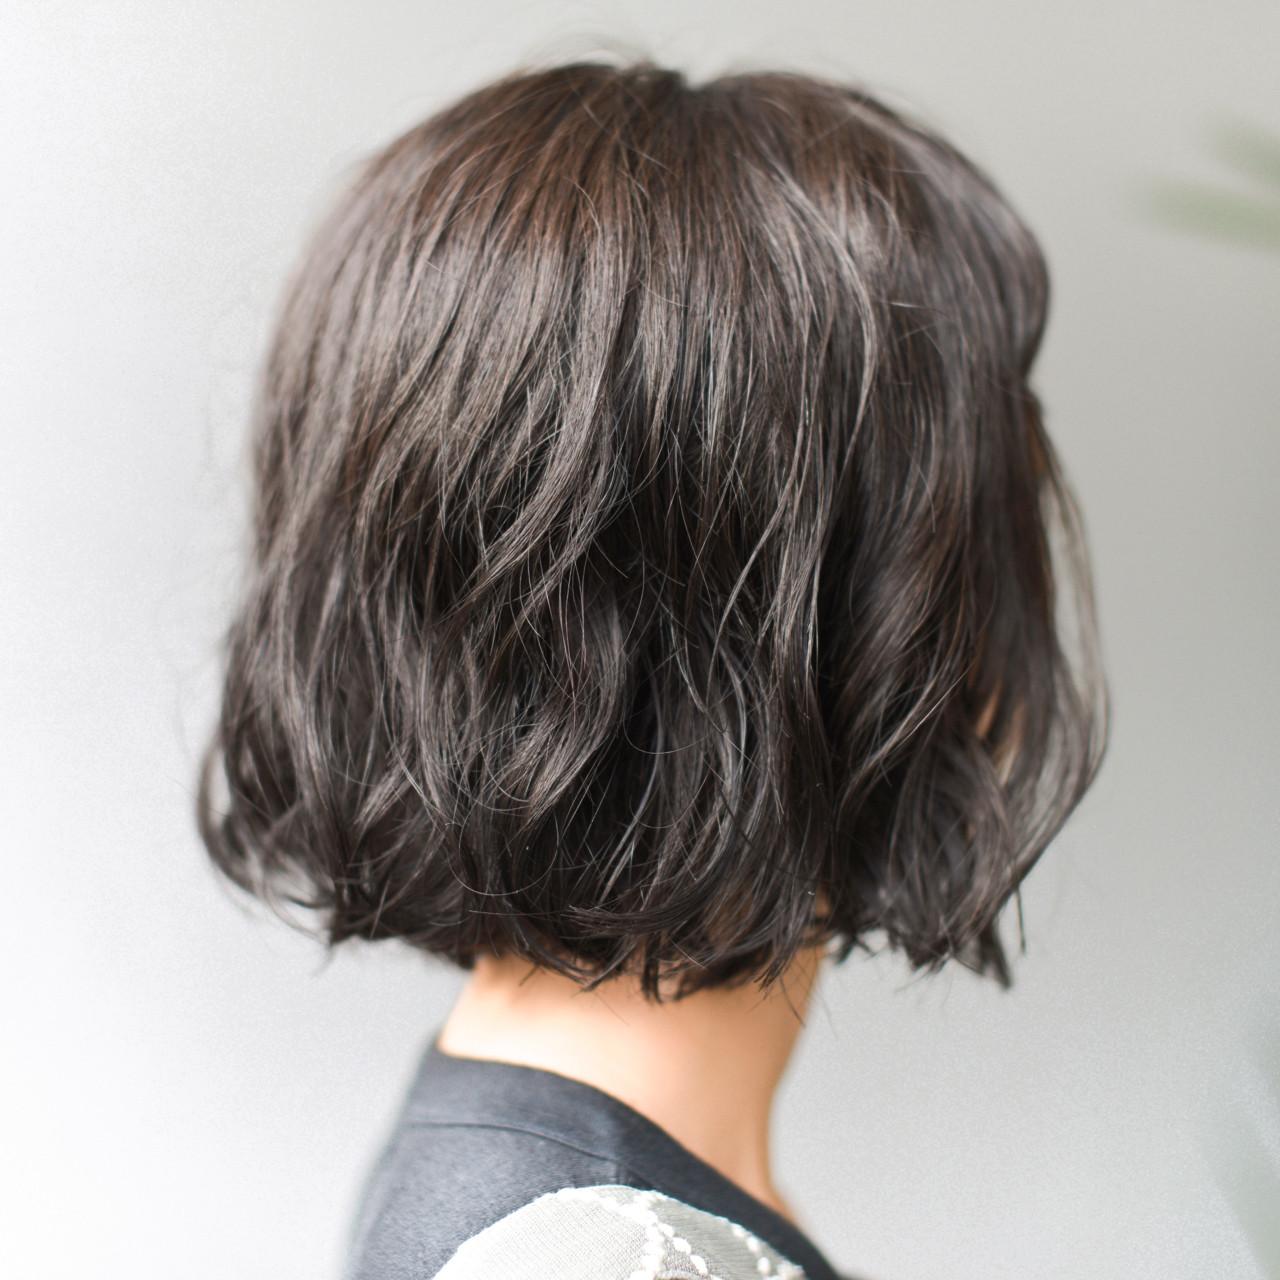 色気 パーマ 冬 ボブ ヘアスタイルや髪型の写真・画像 | yuuta inoue/vicca 'ekolu / vicca 'ekolu